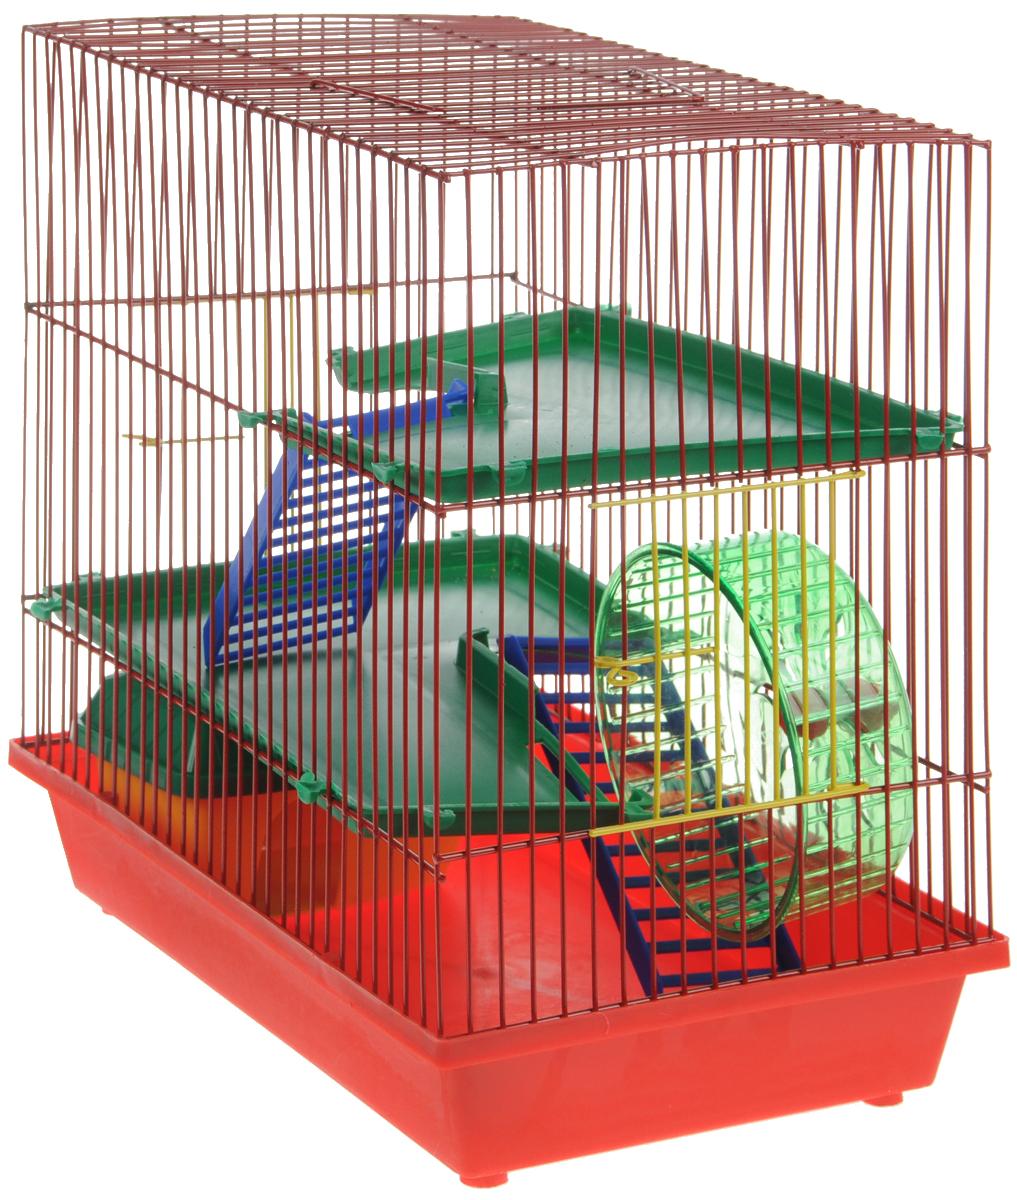 Клетка для грызунов ЗооМарк, 3-этажная, цвет: красный поддон, красная решетка, зеленые этажи, 36 х 22,5 х 34 см. 135135КККлетка ЗооМарк, выполненная из полипропилена и металла, подходит для мелких грызунов. Изделие трехэтажное, оборудовано колесом для подвижных игр и пластиковым домиком. Клетка имеет яркий поддон, удобна в использовании и легко чистится. Сверху имеется ручка для переноски, а сбоку удобная дверца. Такая клетка станет уединенным личным пространством и уютным домиком для маленького грызуна.